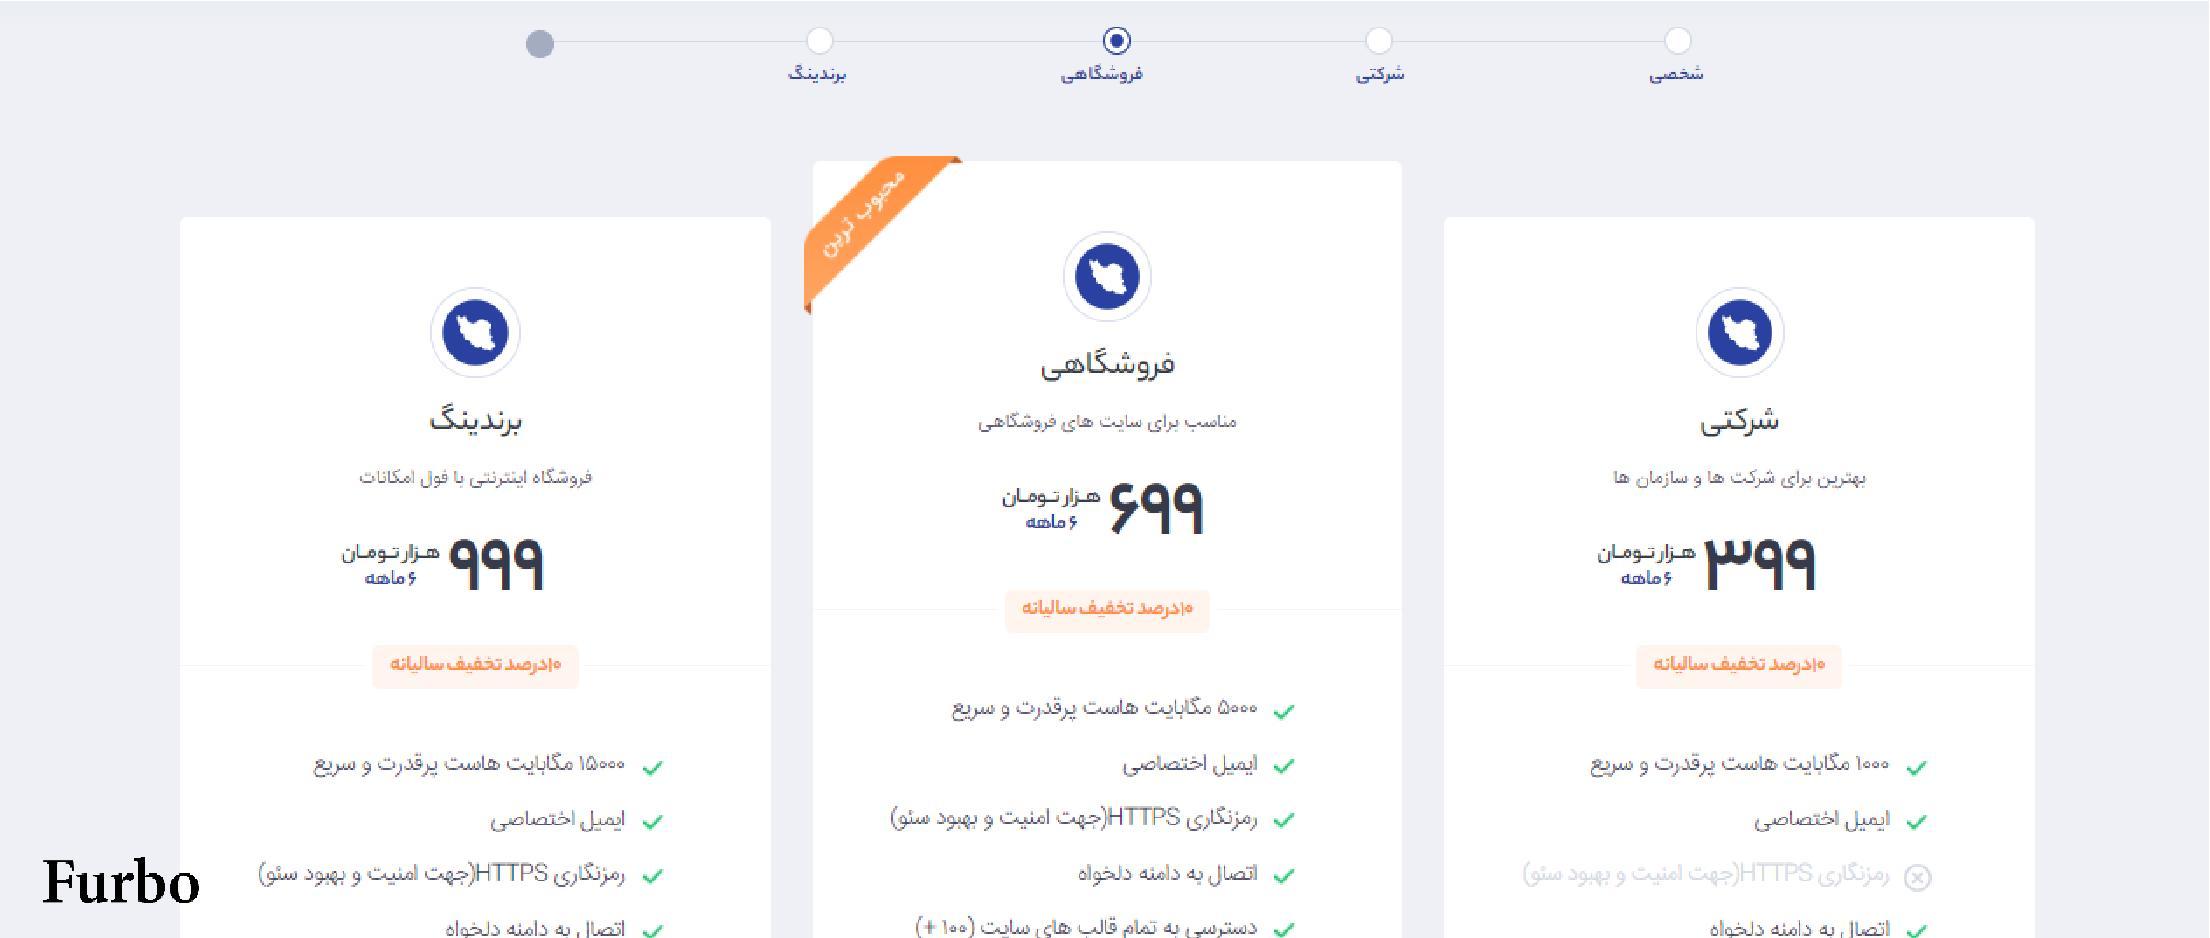 ایران سرور فروشگاه ساز